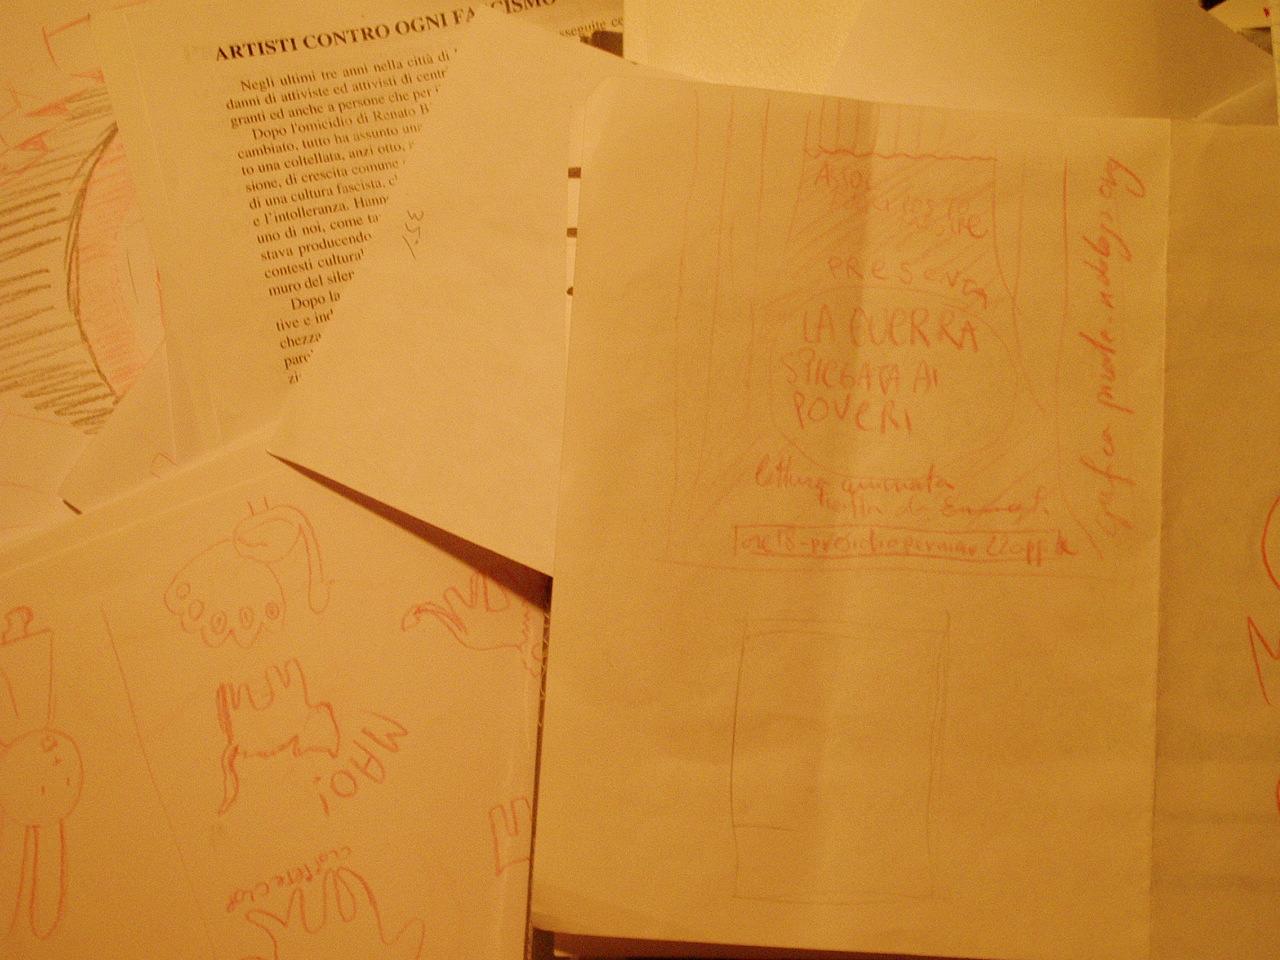 volantino spettacolo teatrale fuori posto la guerra spiegata ai poveri lettura animata di ennio flaiano presidio permanente domenica 22 aprle 2007 pirate acrilico